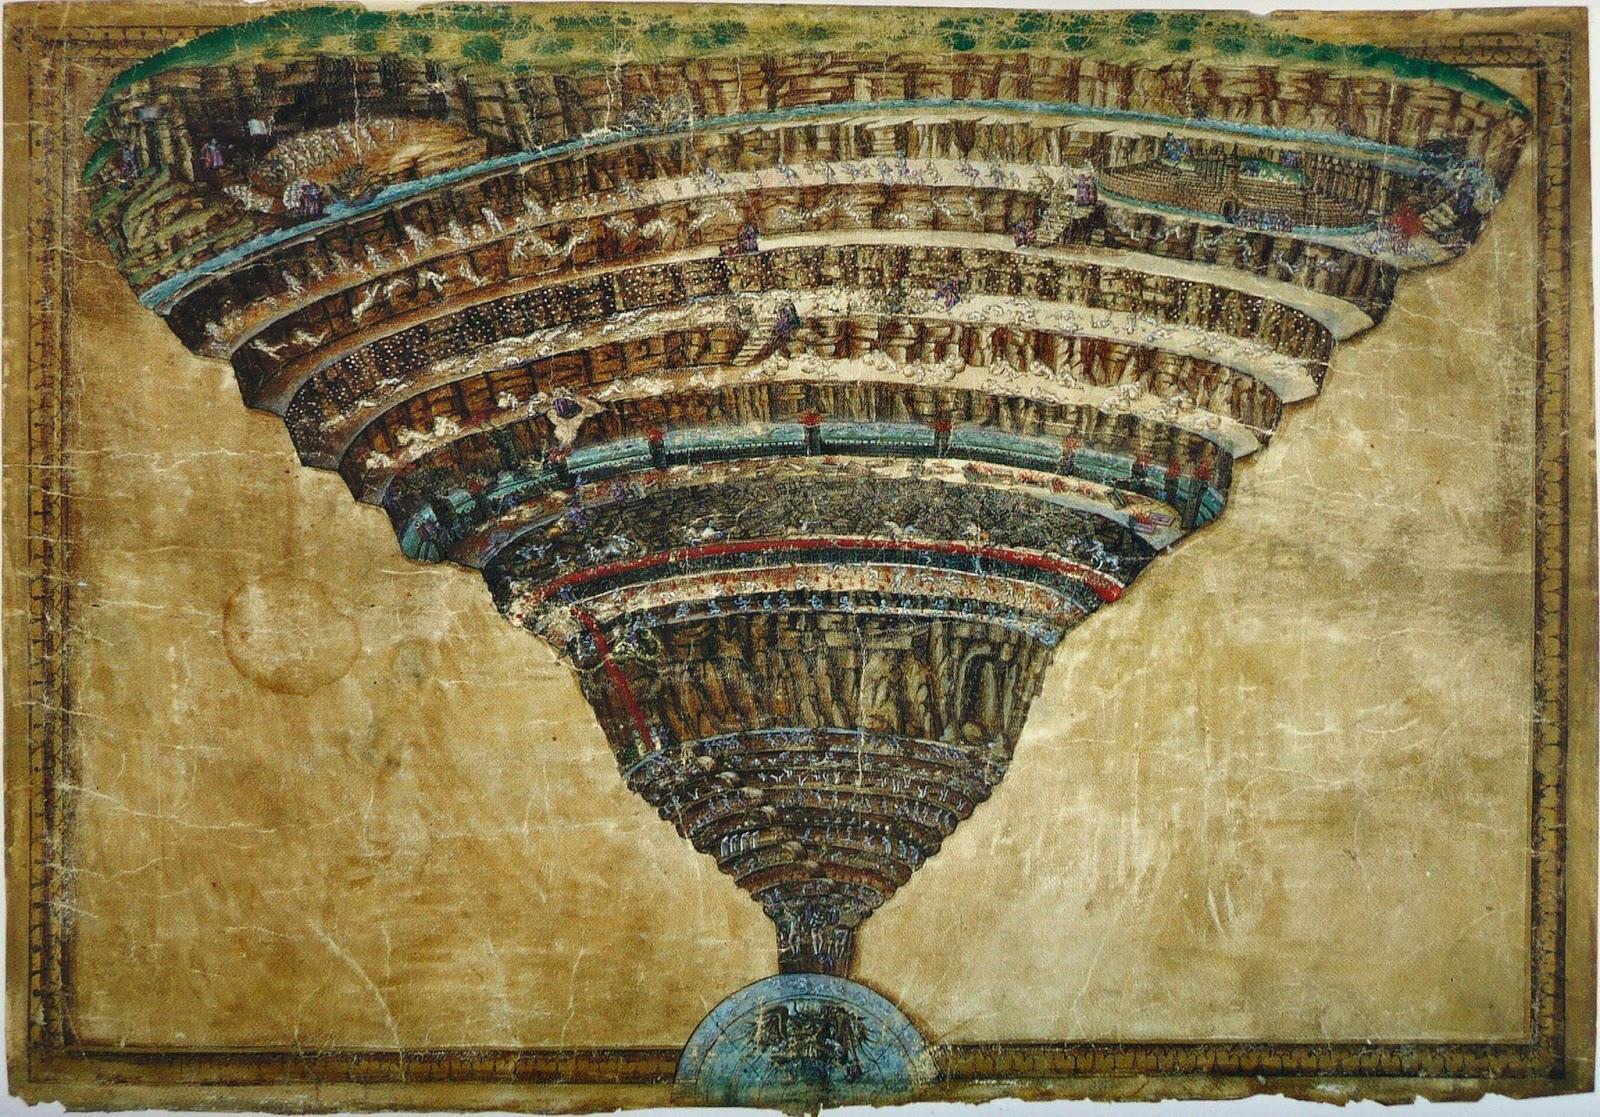 Resultado de imagen para dante's inferno botticelli dan brown